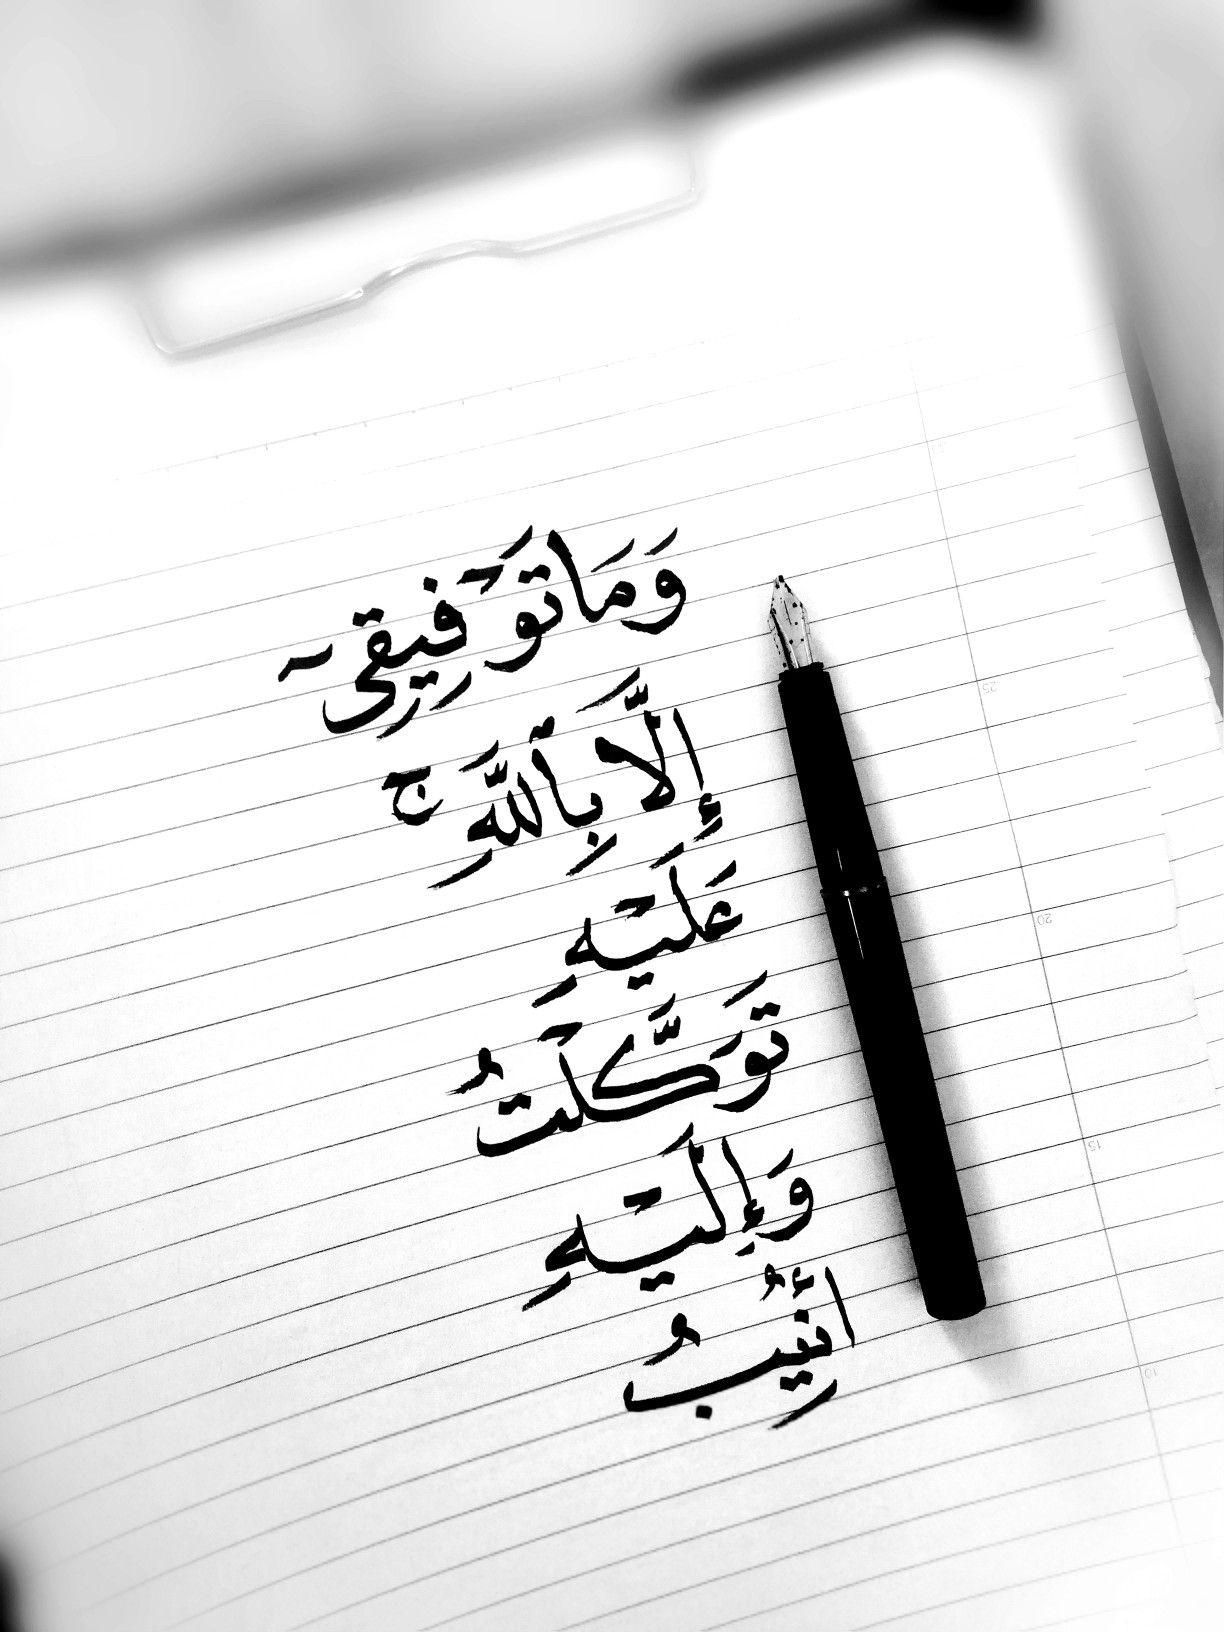 وماتوفيقي الا بالله عليه توكلت واليه انيب Arabic Calligraphy Design Arabic Calligraphy Art Calligraphy Design